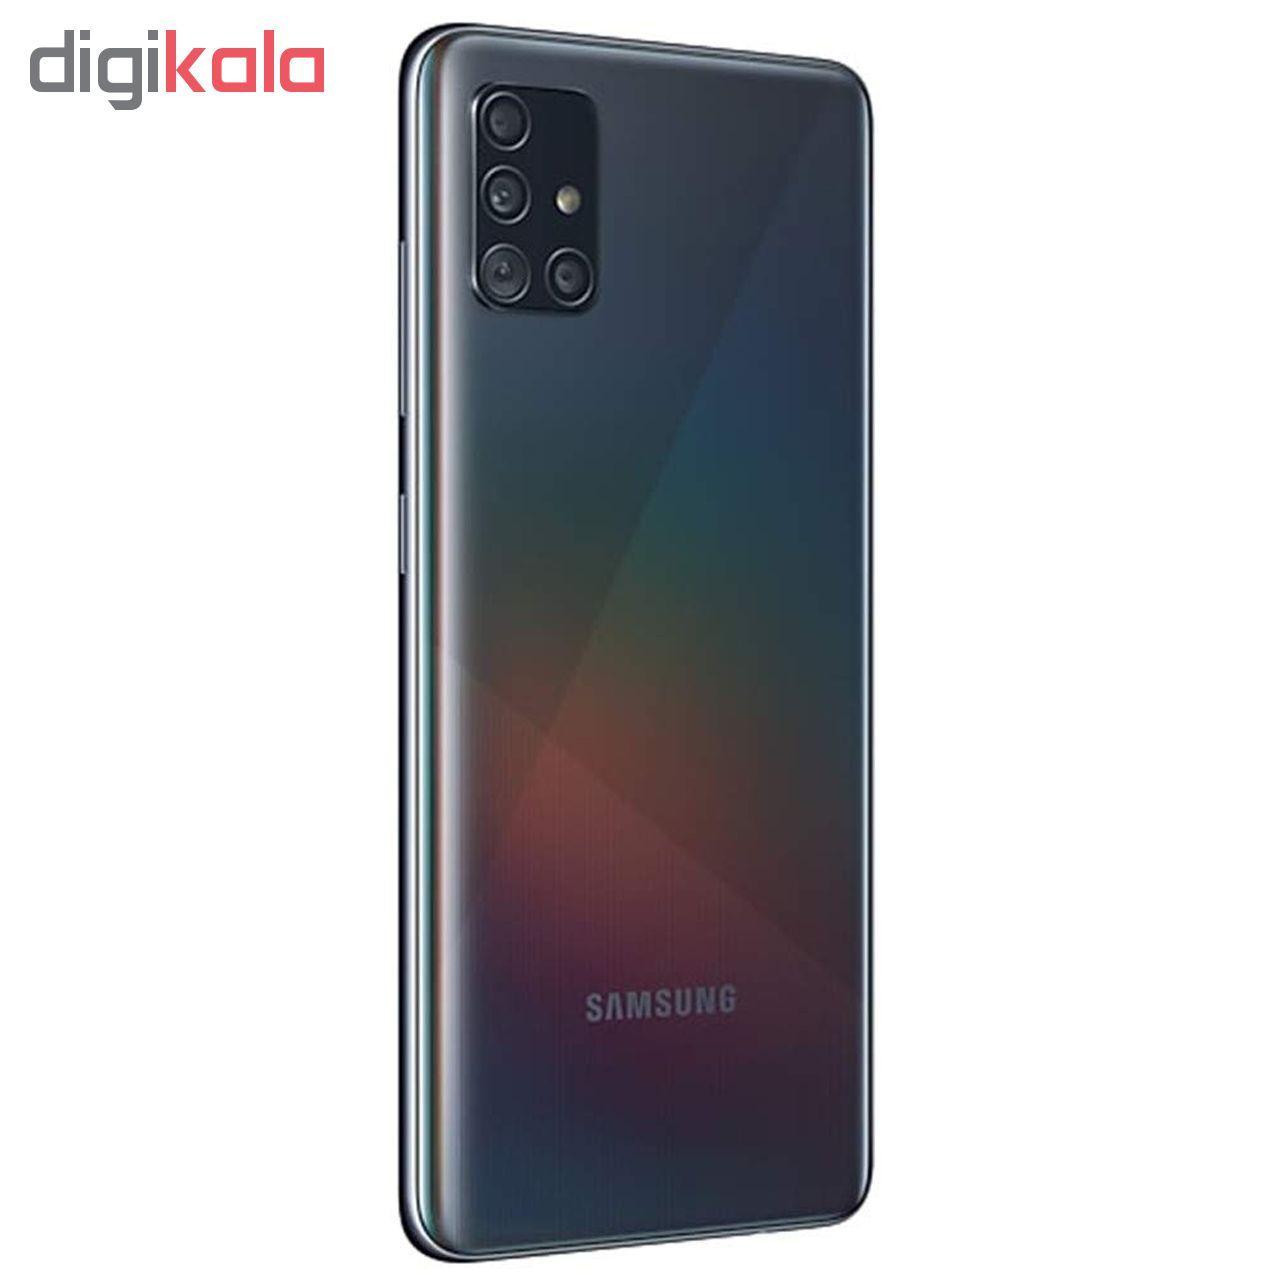 گوشی موبایل سامسونگ مدل Galaxy A51 SM-A515F/DSN دو سیم کارت ظرفیت 128گیگابایت main 1 3